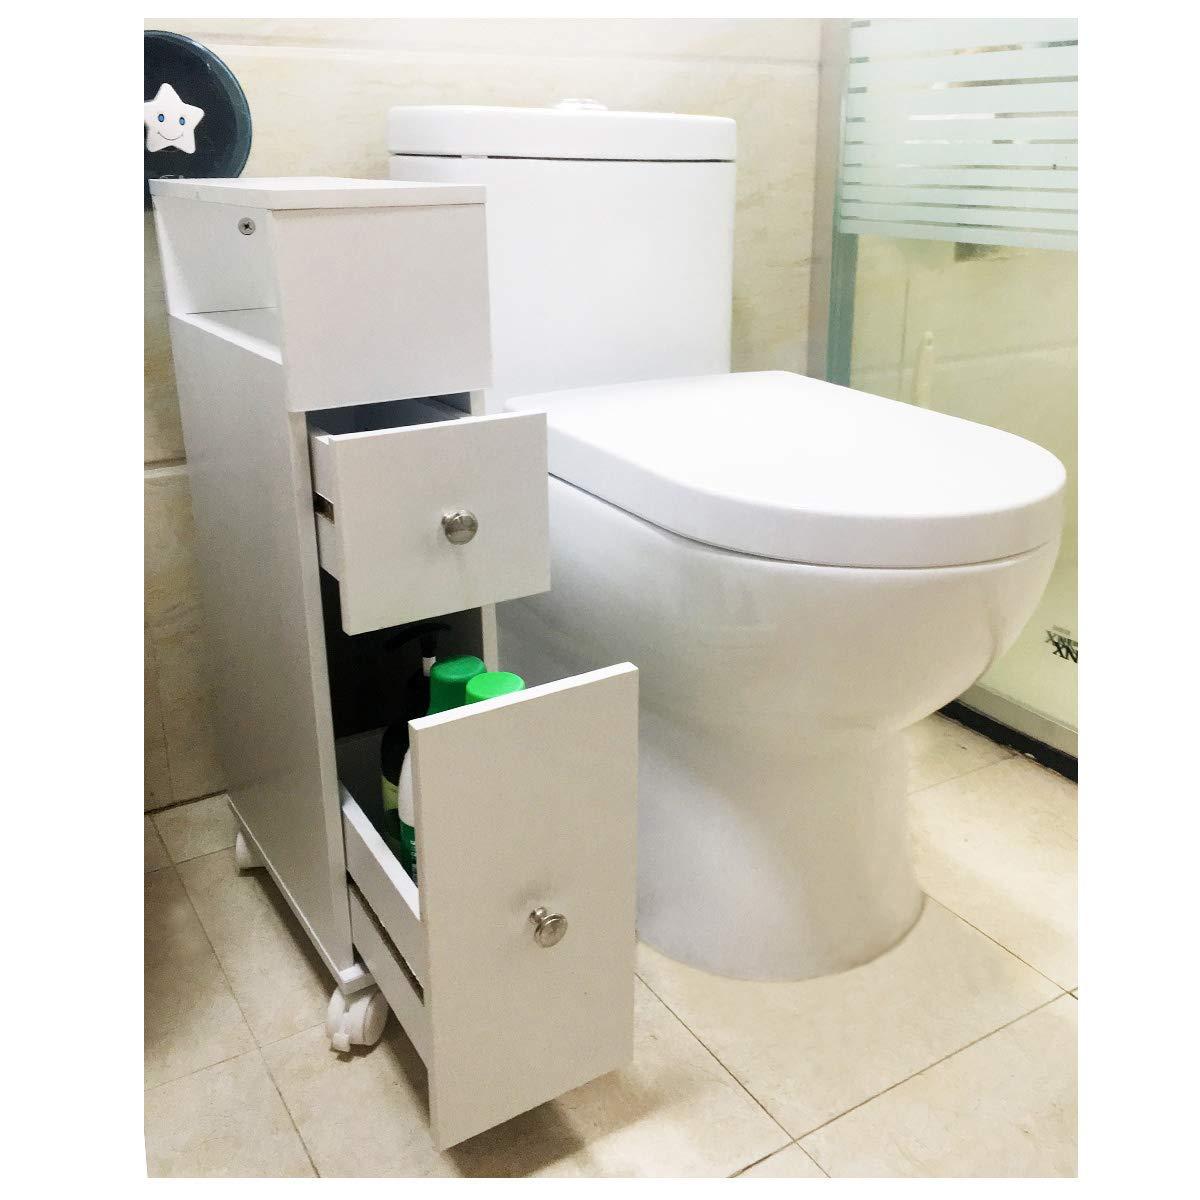 ease Mueble de baño con Ruedas con 2 cajones Carro de Almacenamiento de Cocina de Madera Mueble de baño 15 × 33 × 66.5 CM Blanco: Amazon.es: Hogar